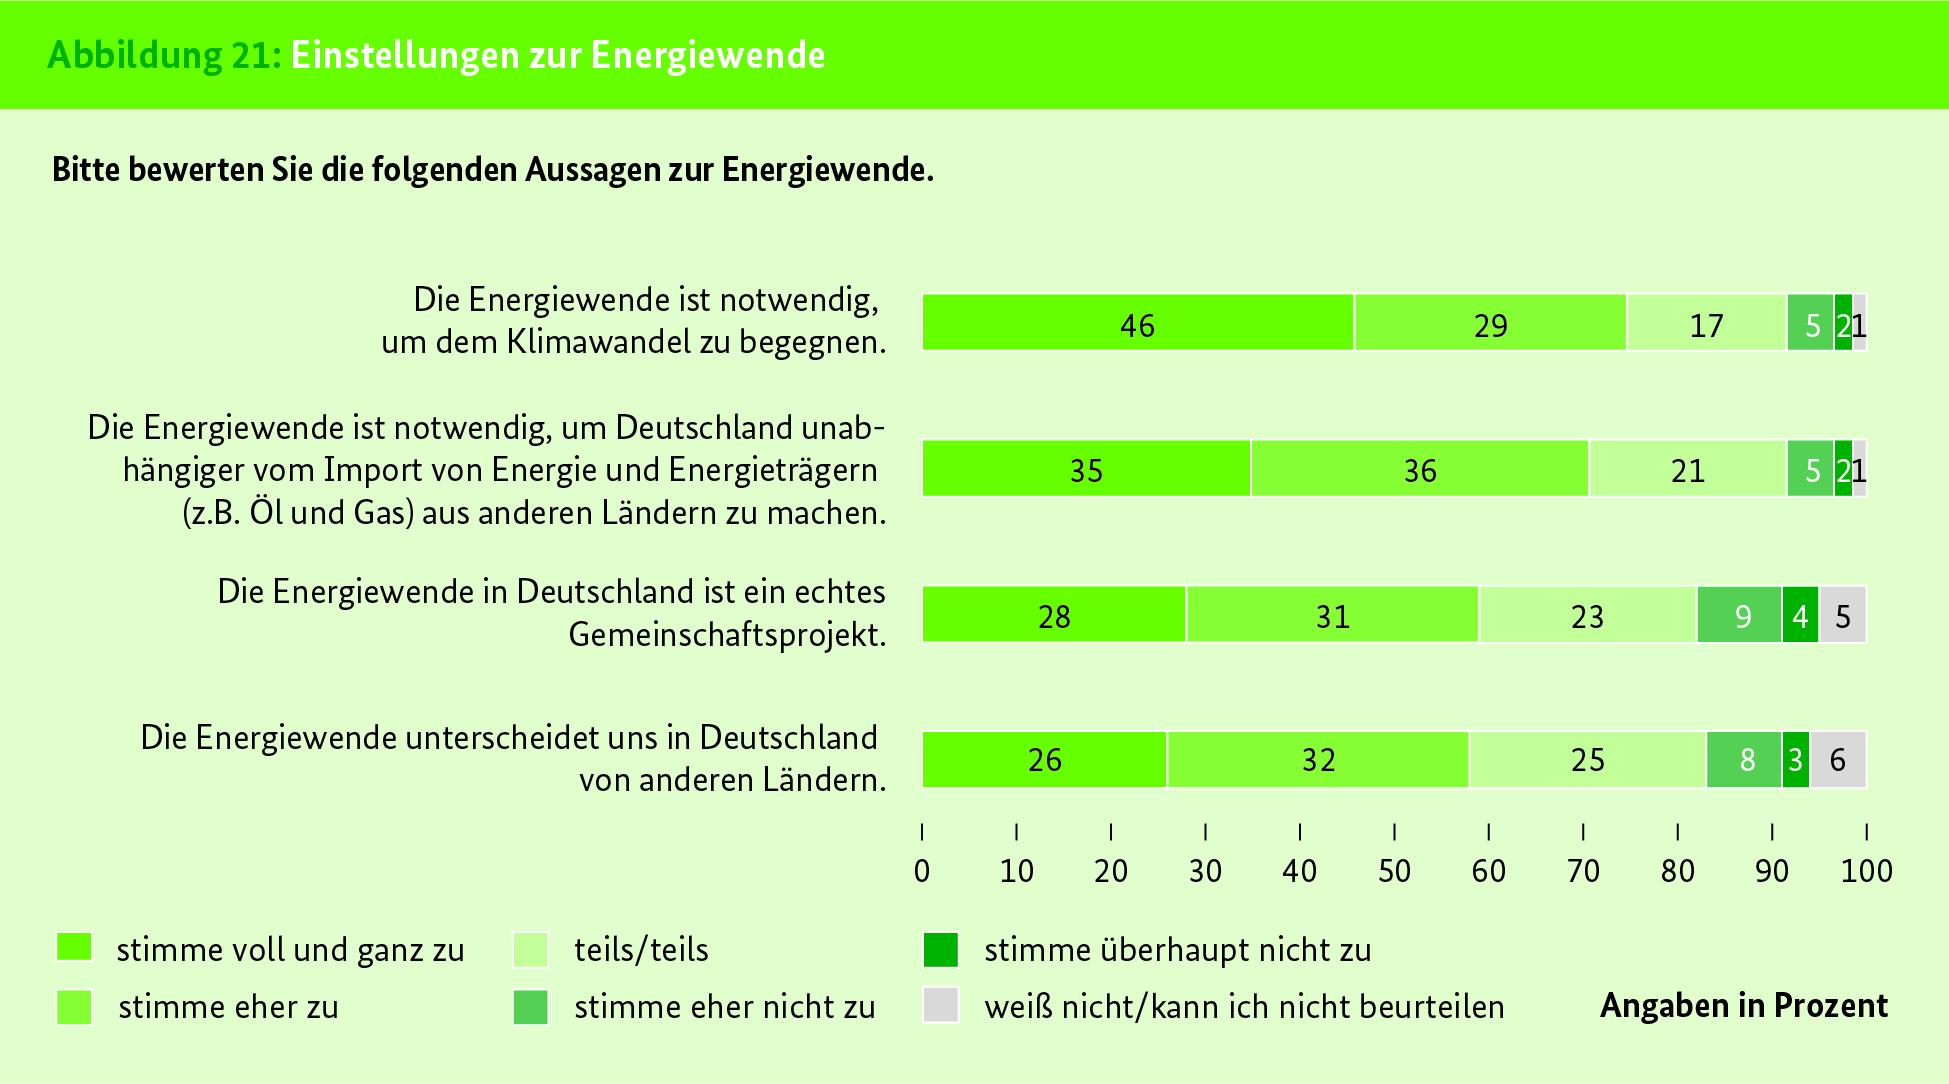 Balkendiagramm mit Ergebnissen zur Einstellung zur Energiewende